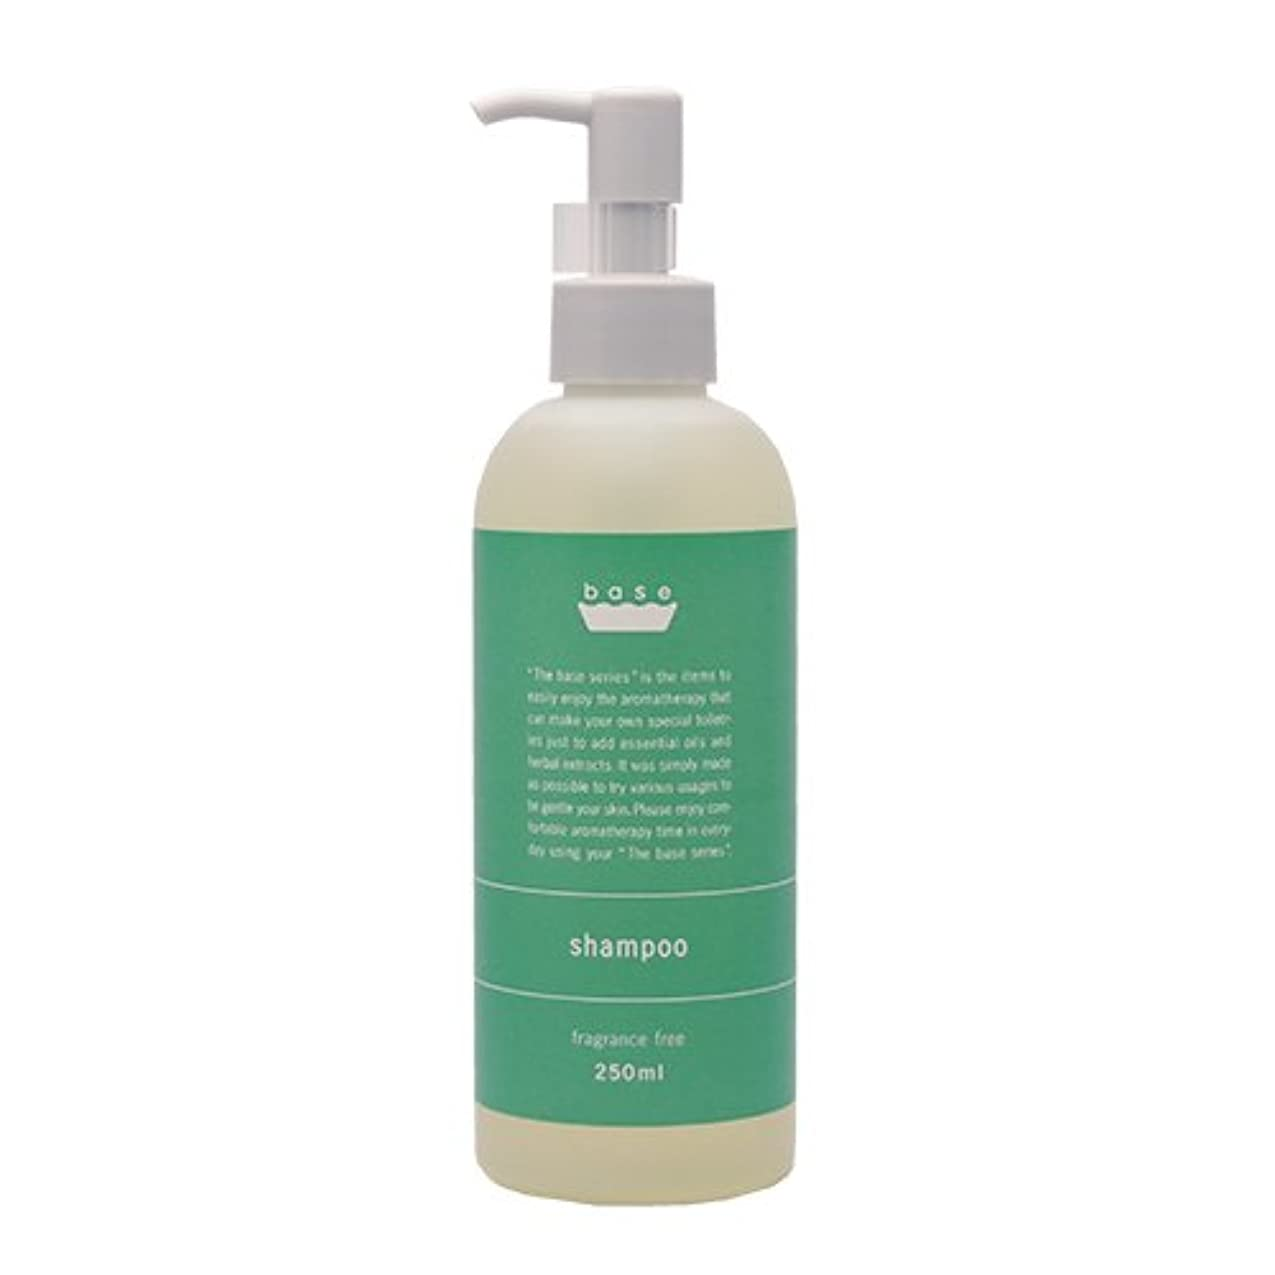 ゆるく精巧なそれからbase shampoo(ベースシャンプー)250ml